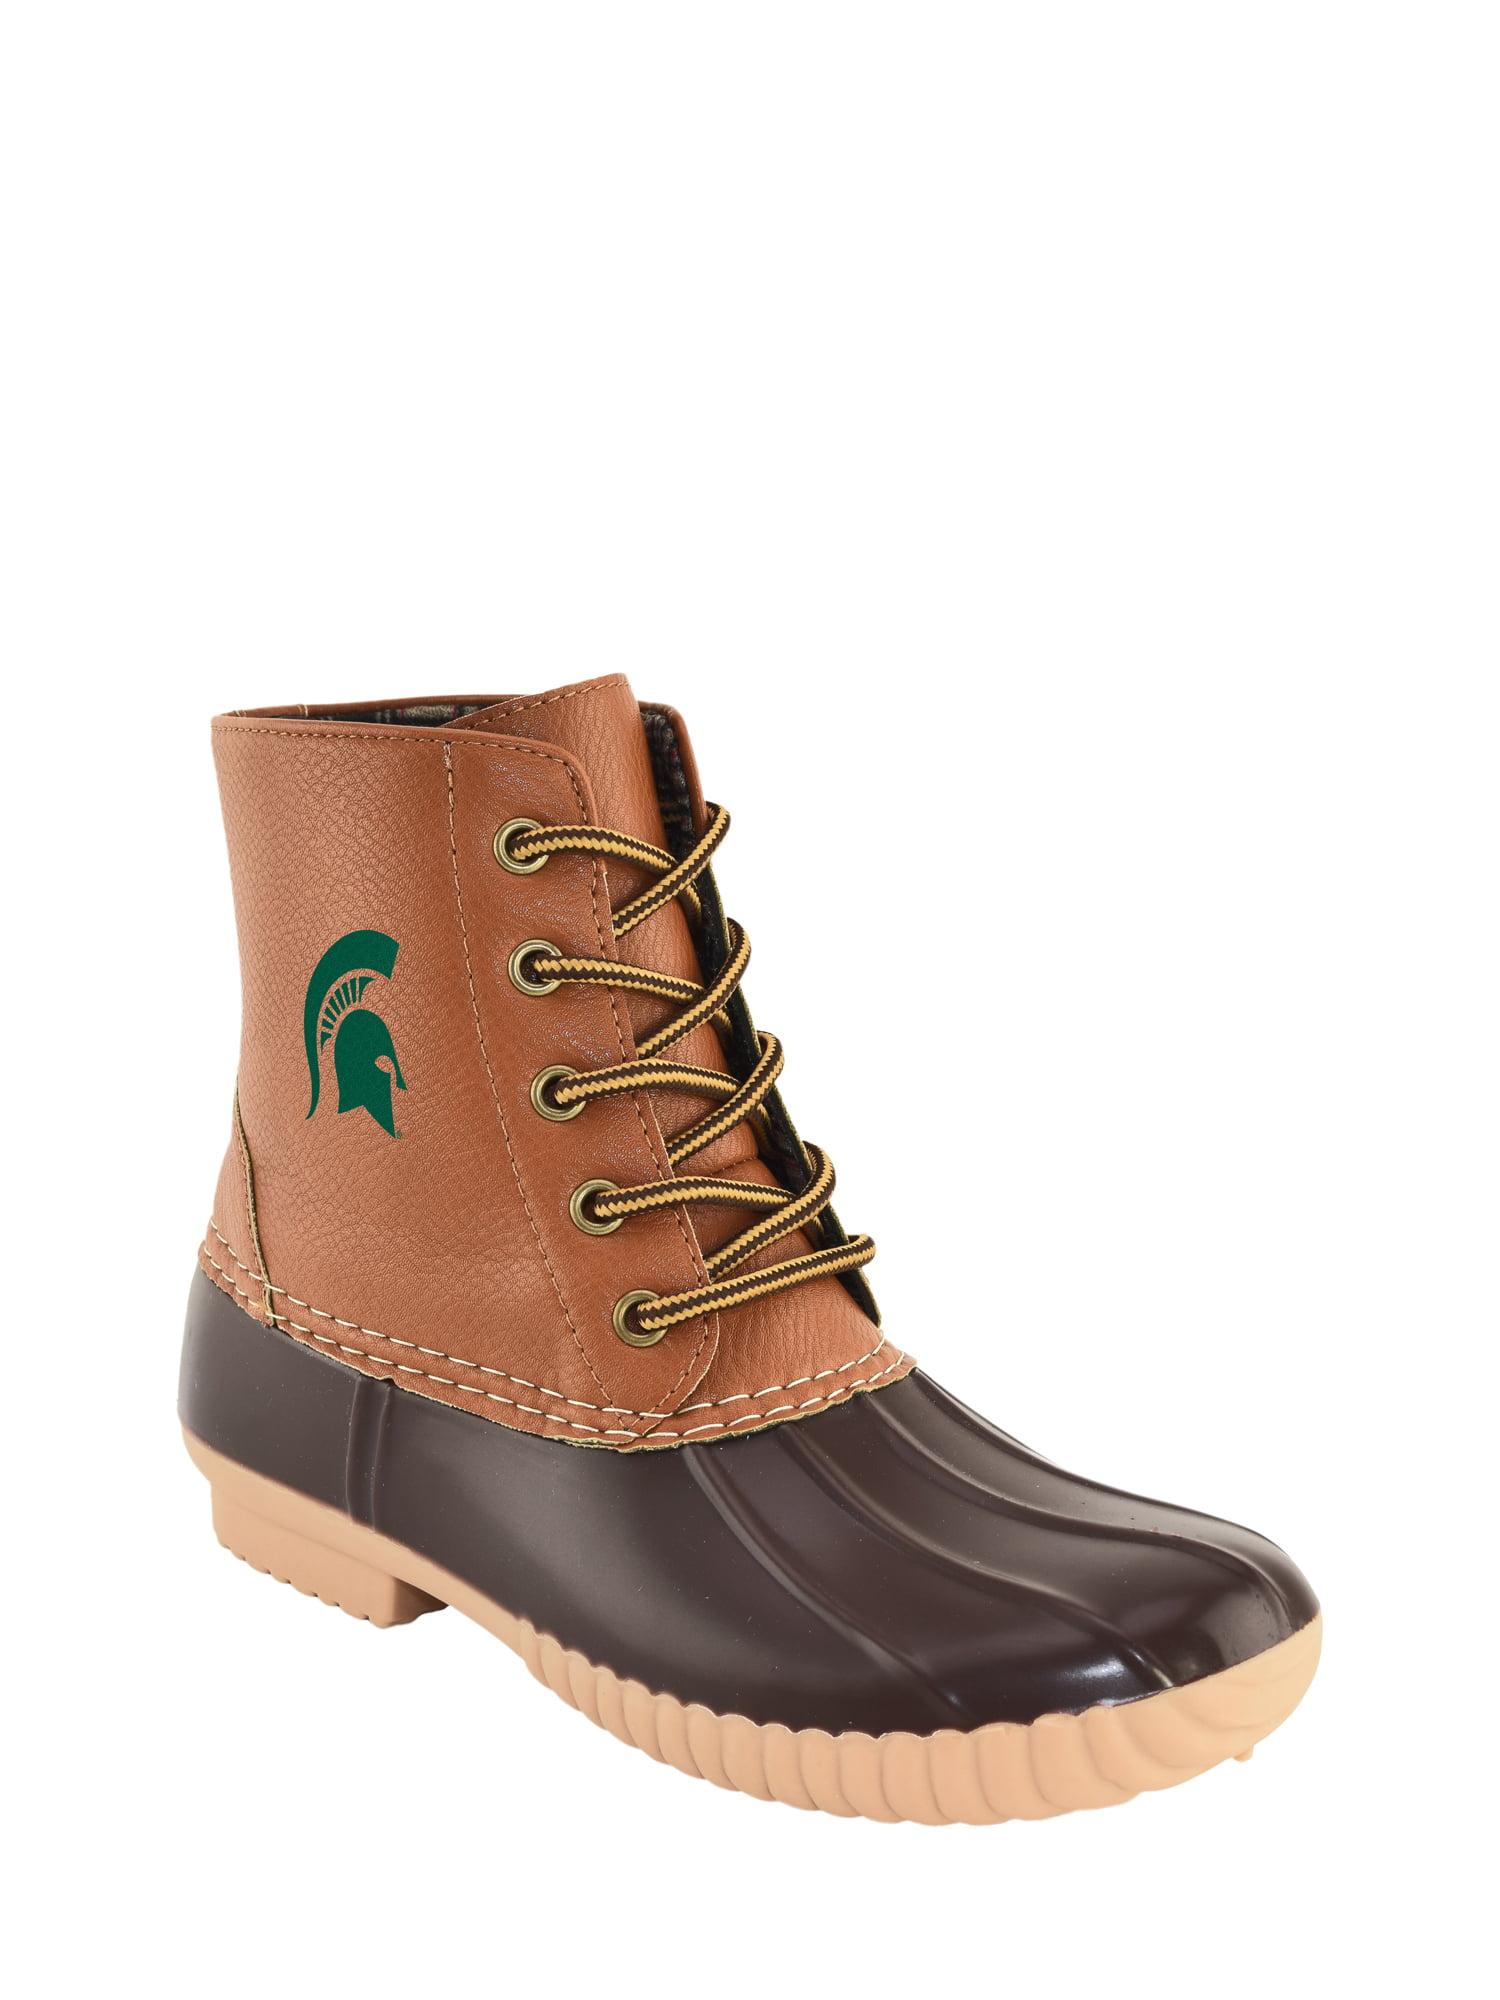 NCAA Women's Michigan State -High Duck Boot by Jordache LTD